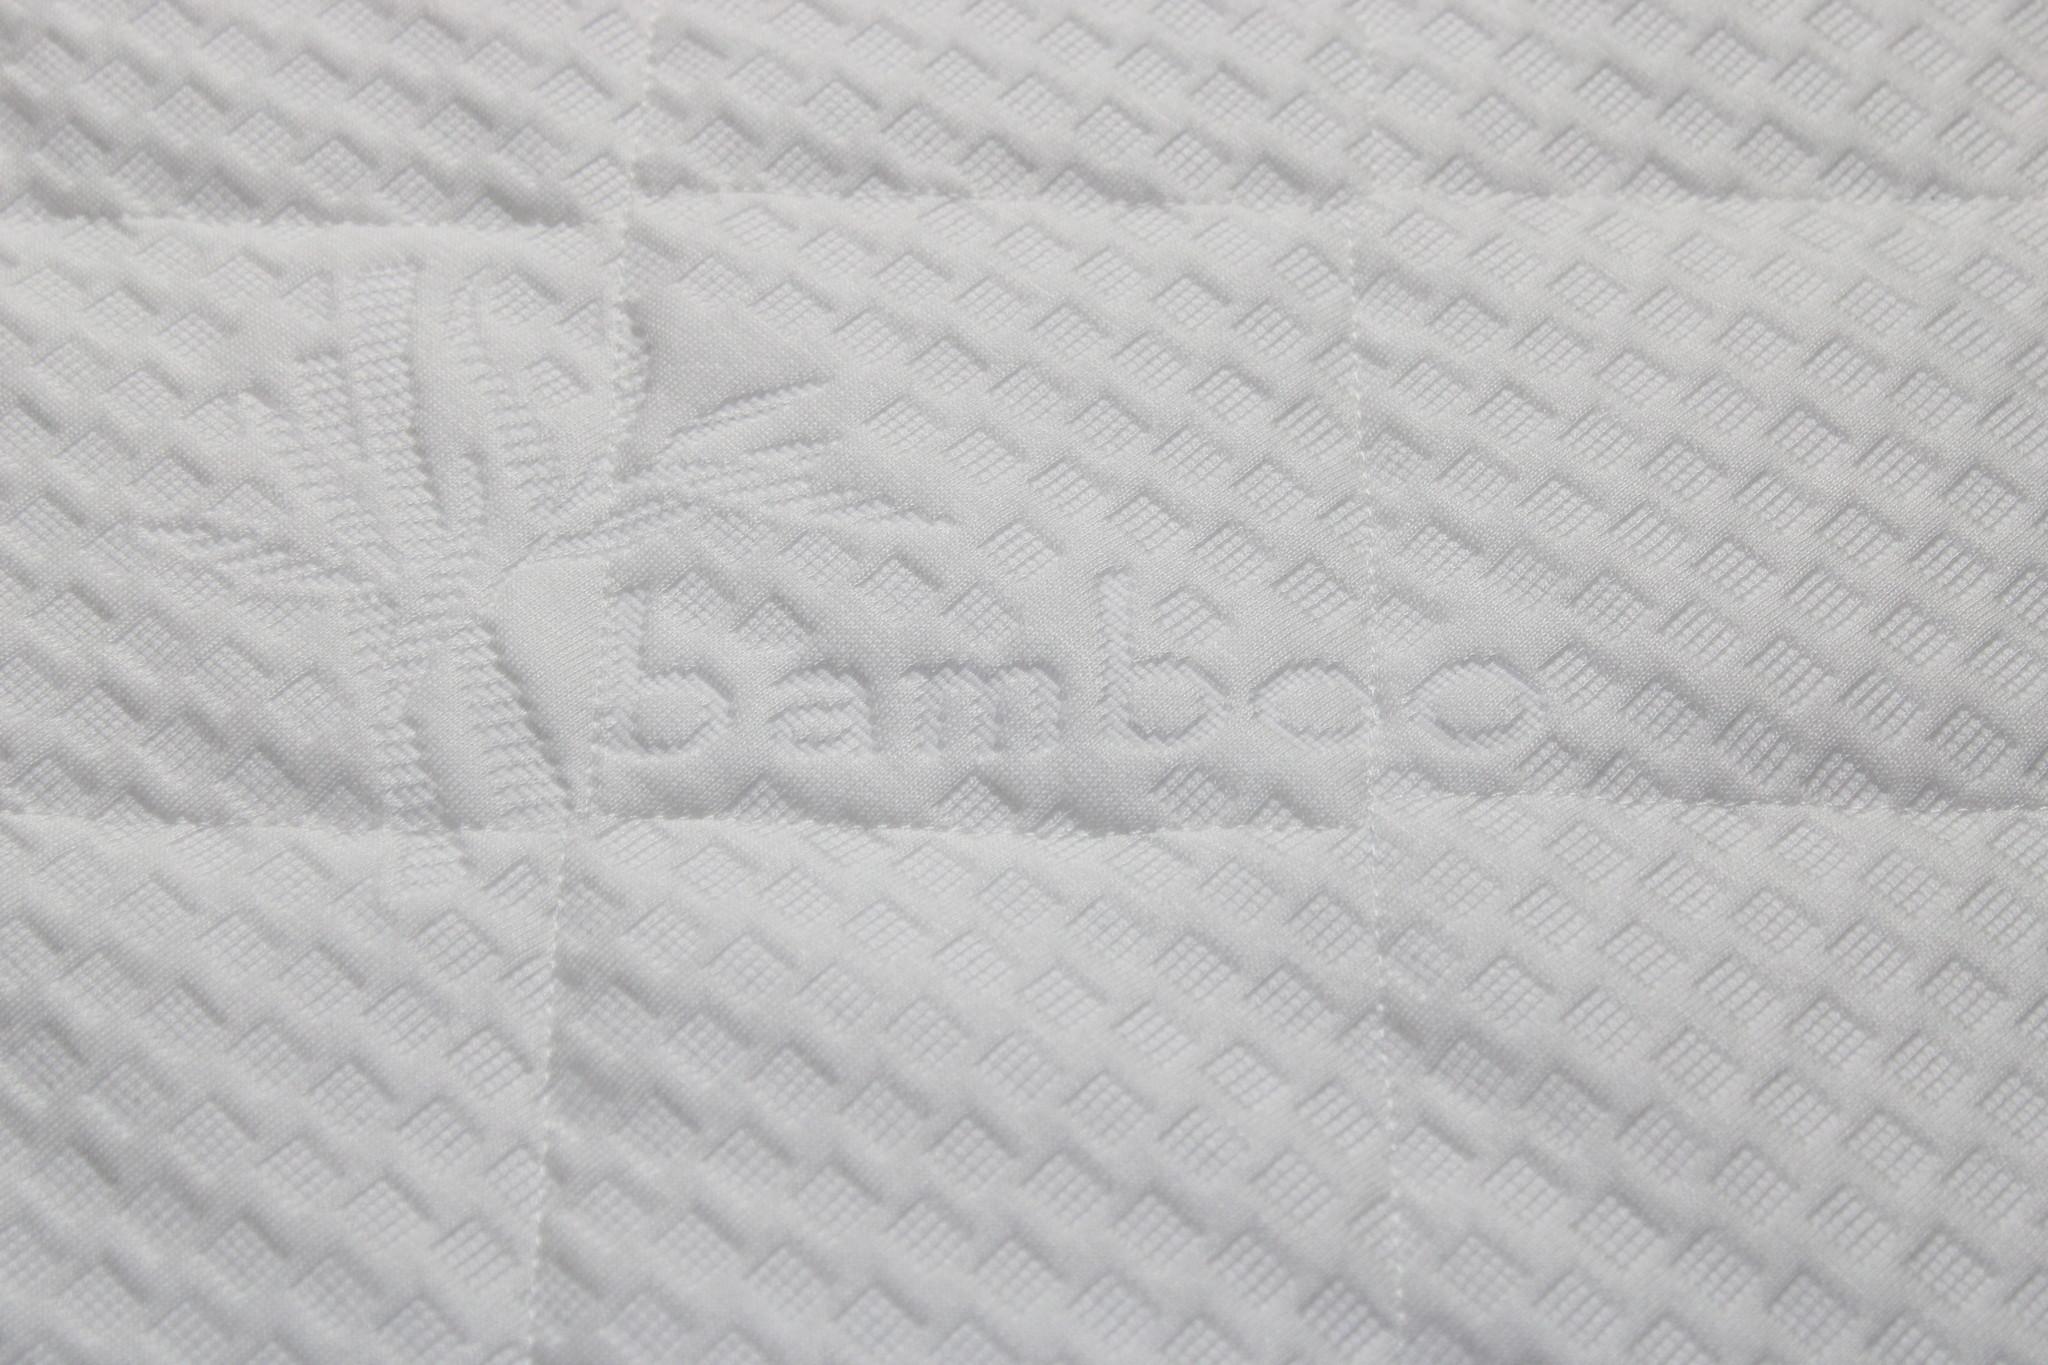 Sarpy Babymatras 55x120 koudschuim HR55 bamboo